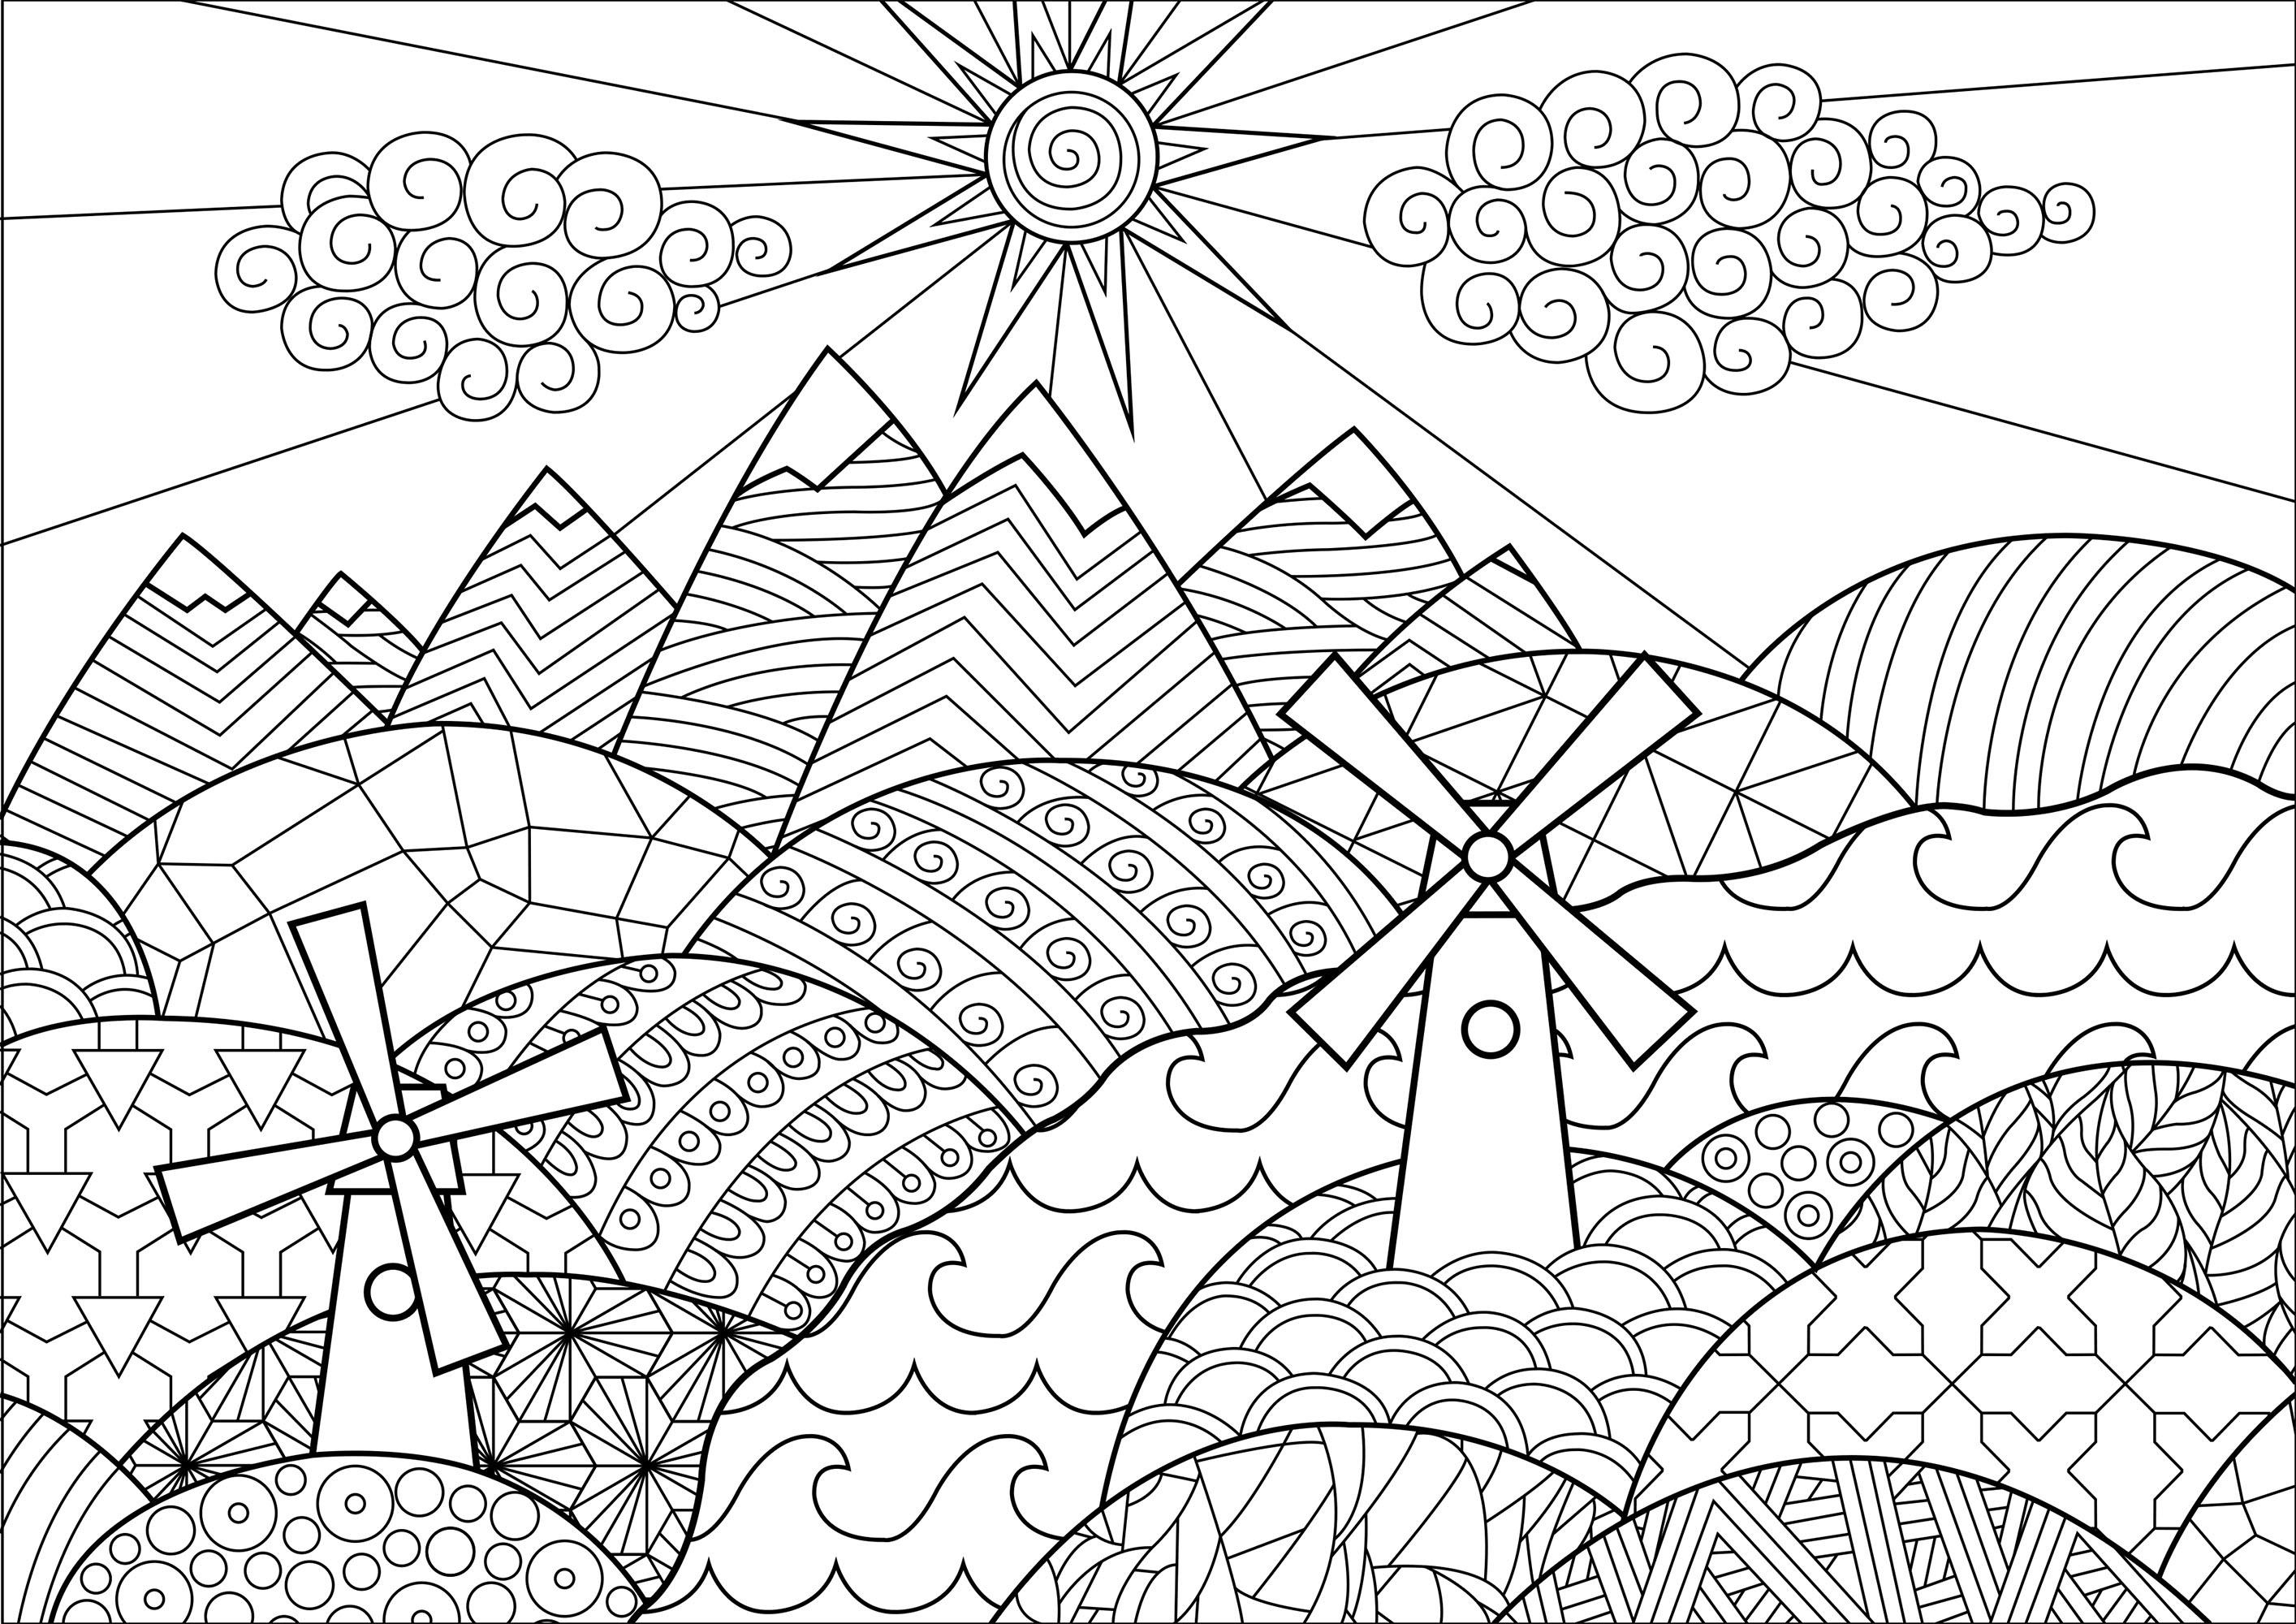 Landschaften 33152 - Landschaften - Malbuch Fur Erwachsene